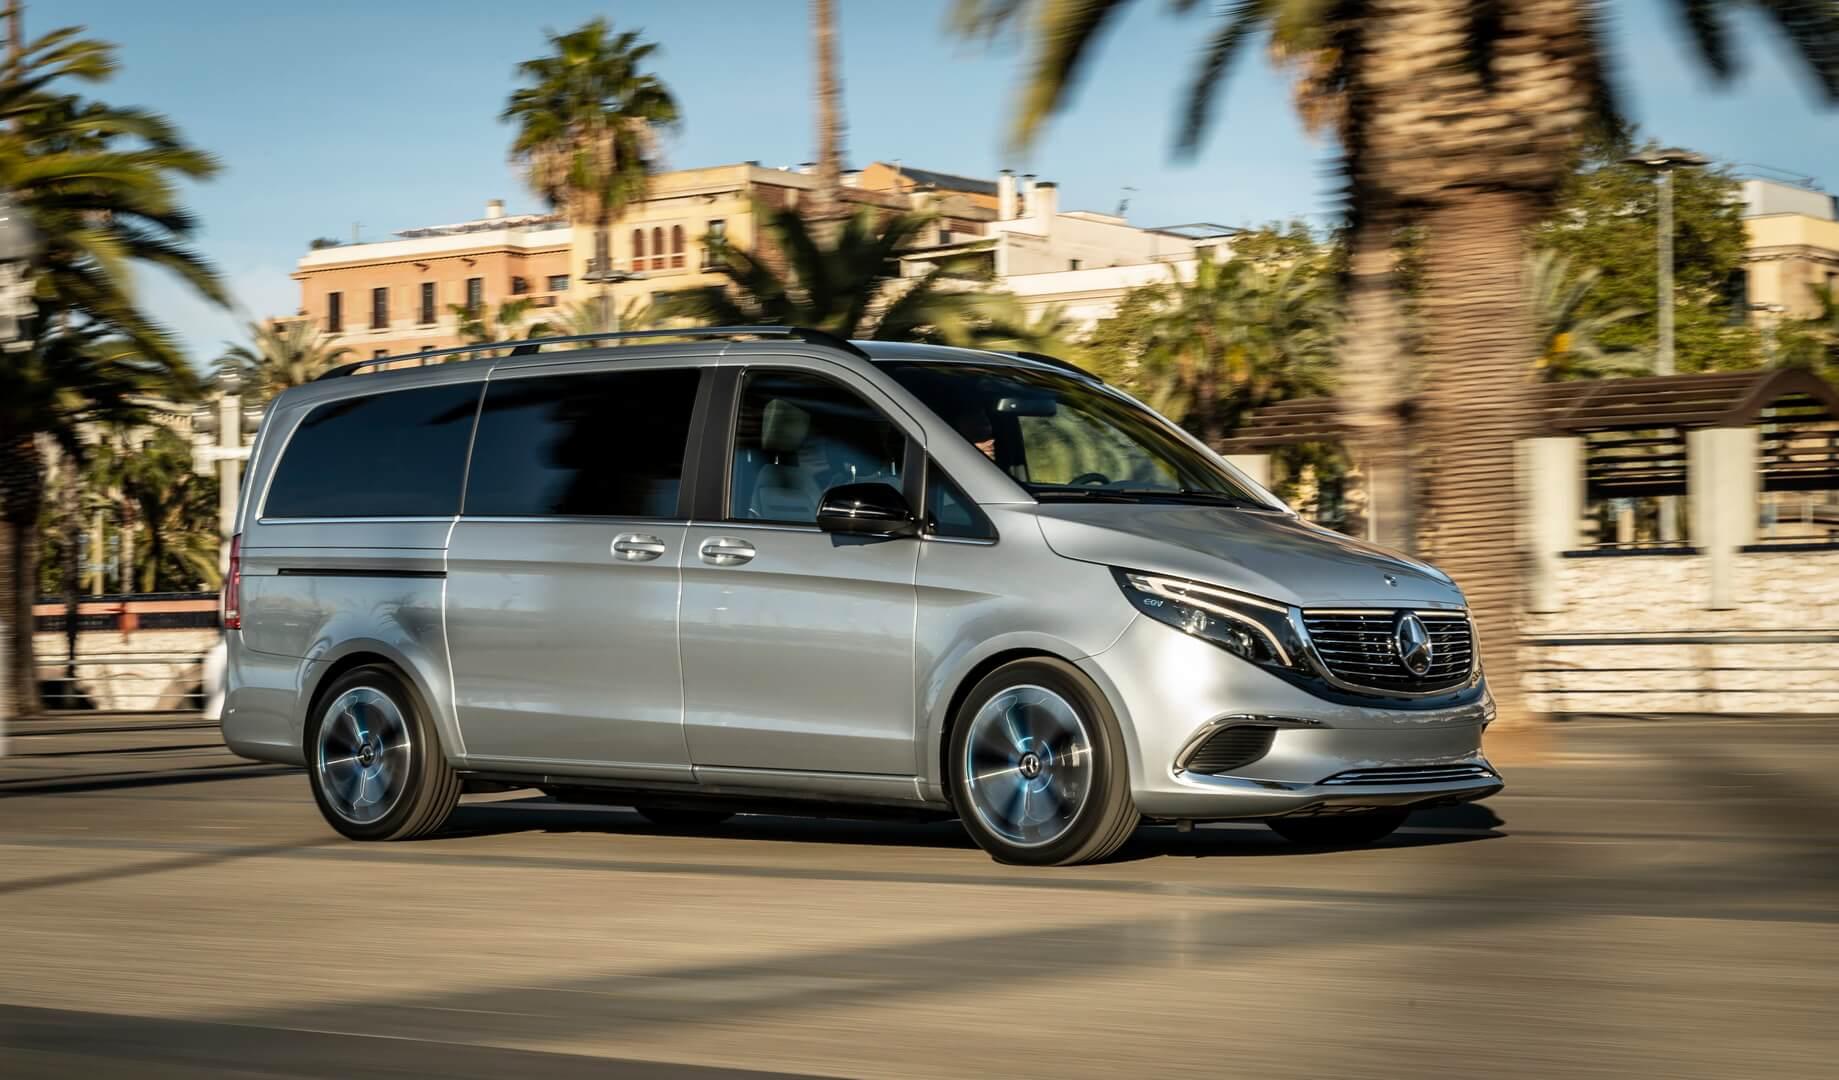 Mercedes-Benz Concept EQV совершил свою первую публичную поездку